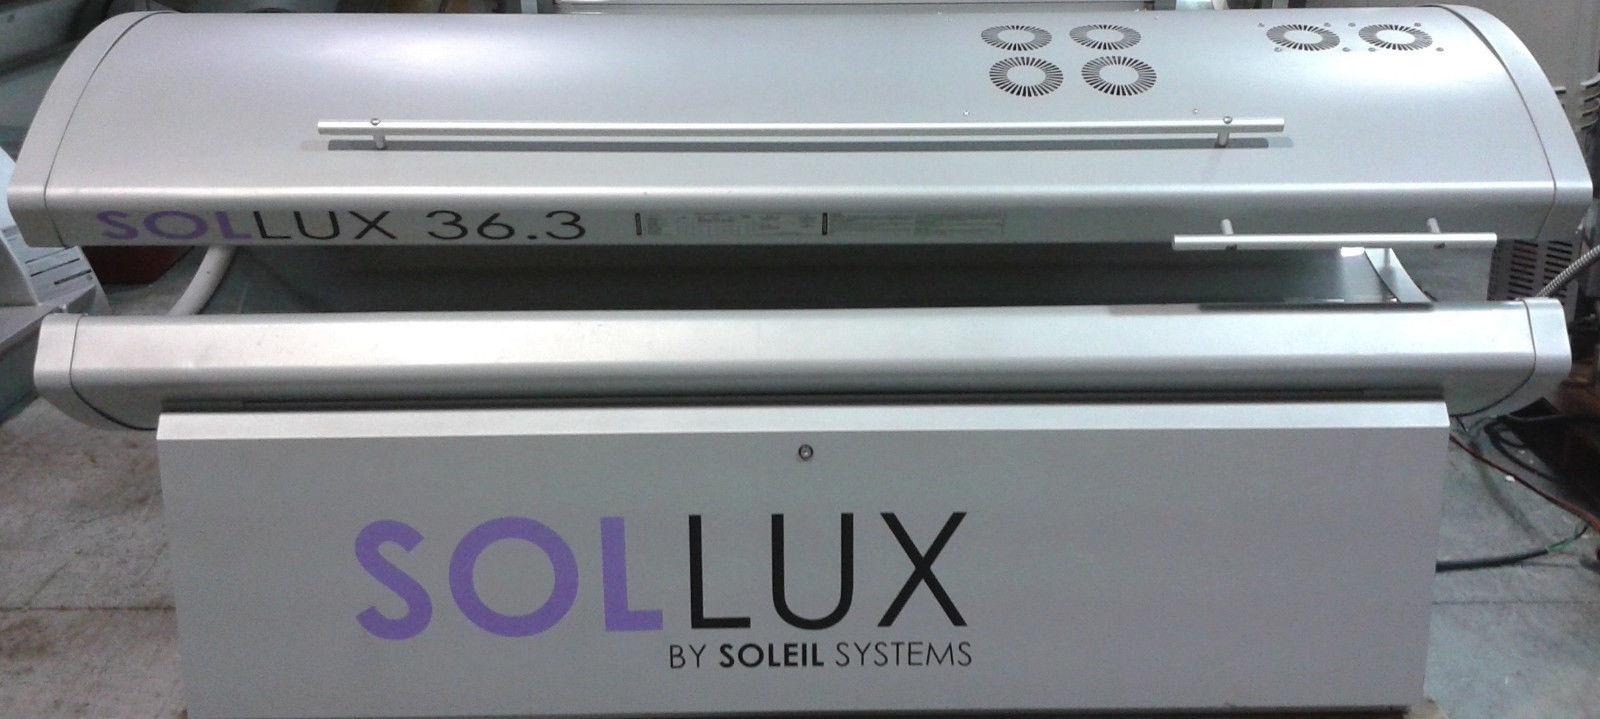 Sollux 36.3